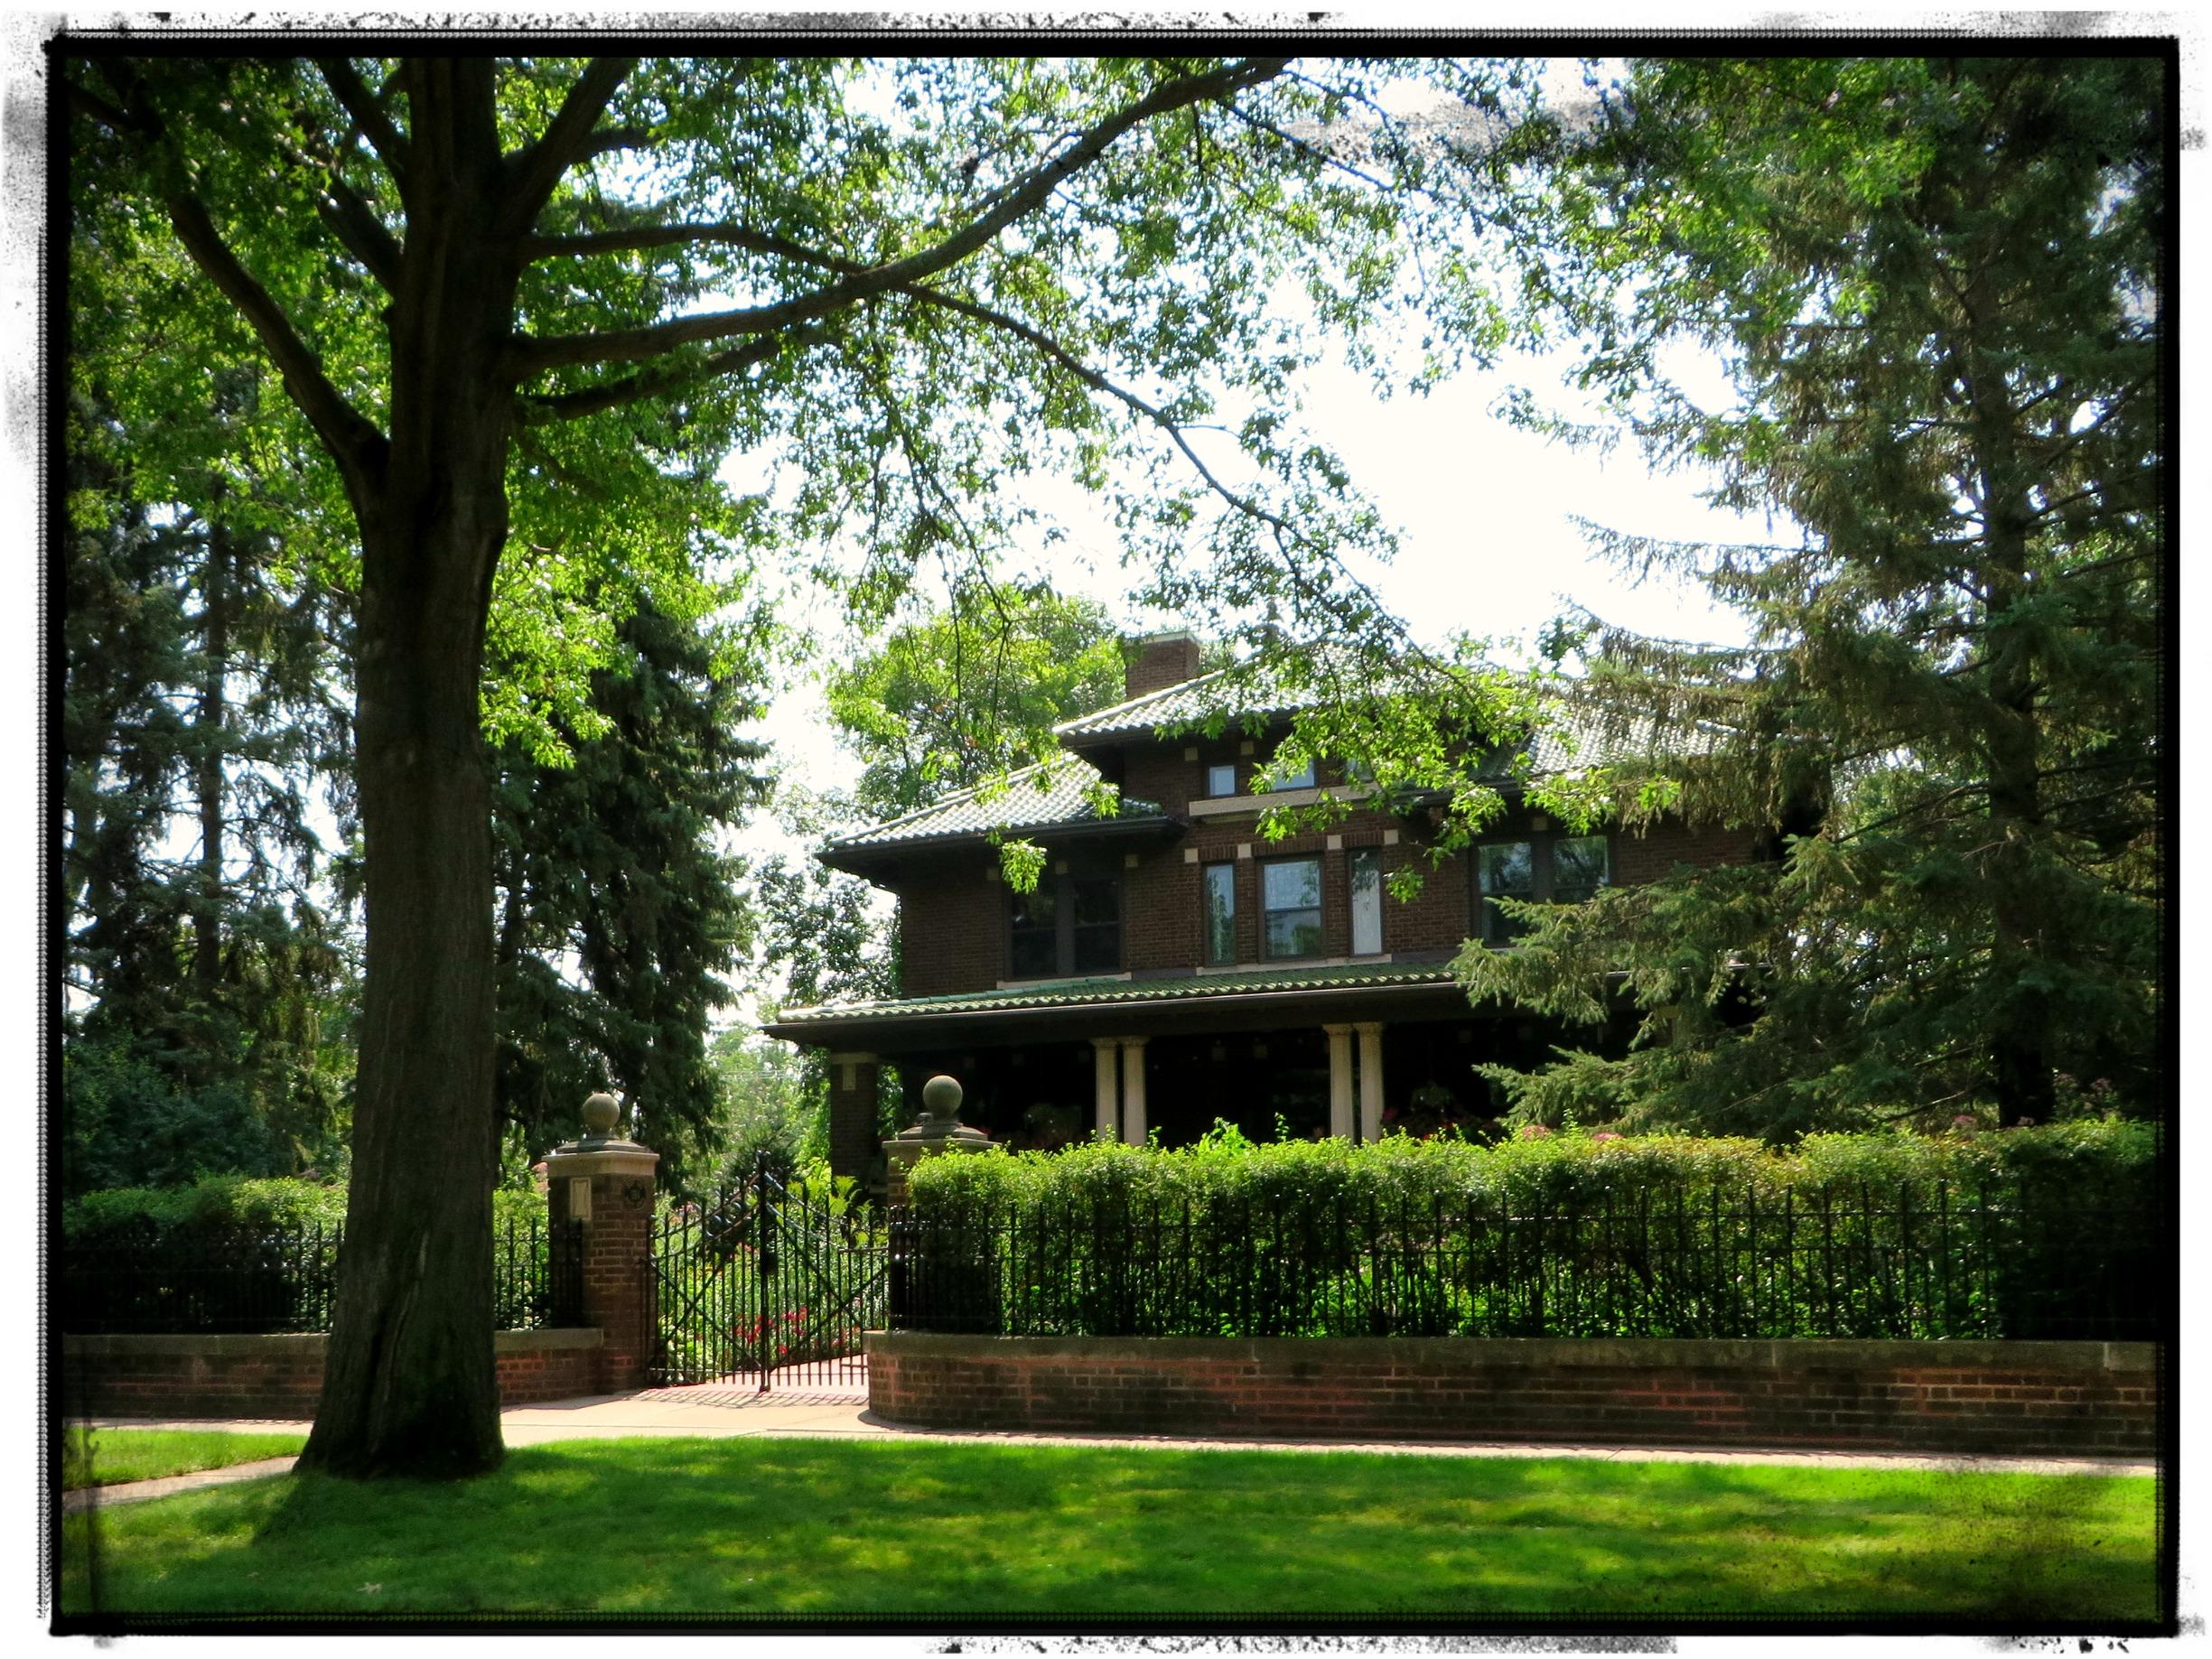 House on Summit Avenue